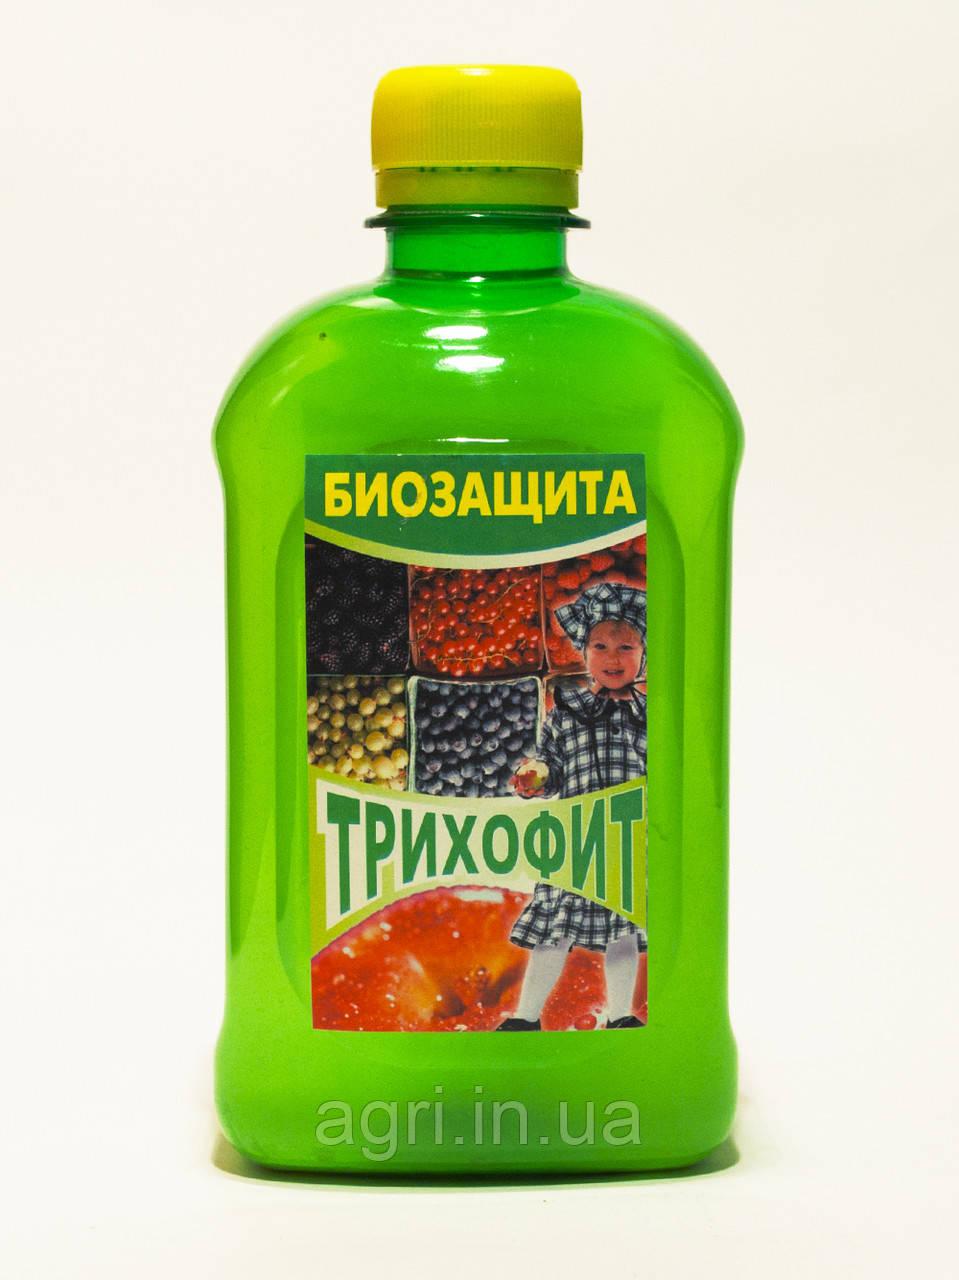 Трихофит 0,5л. Биологический микофунгицид